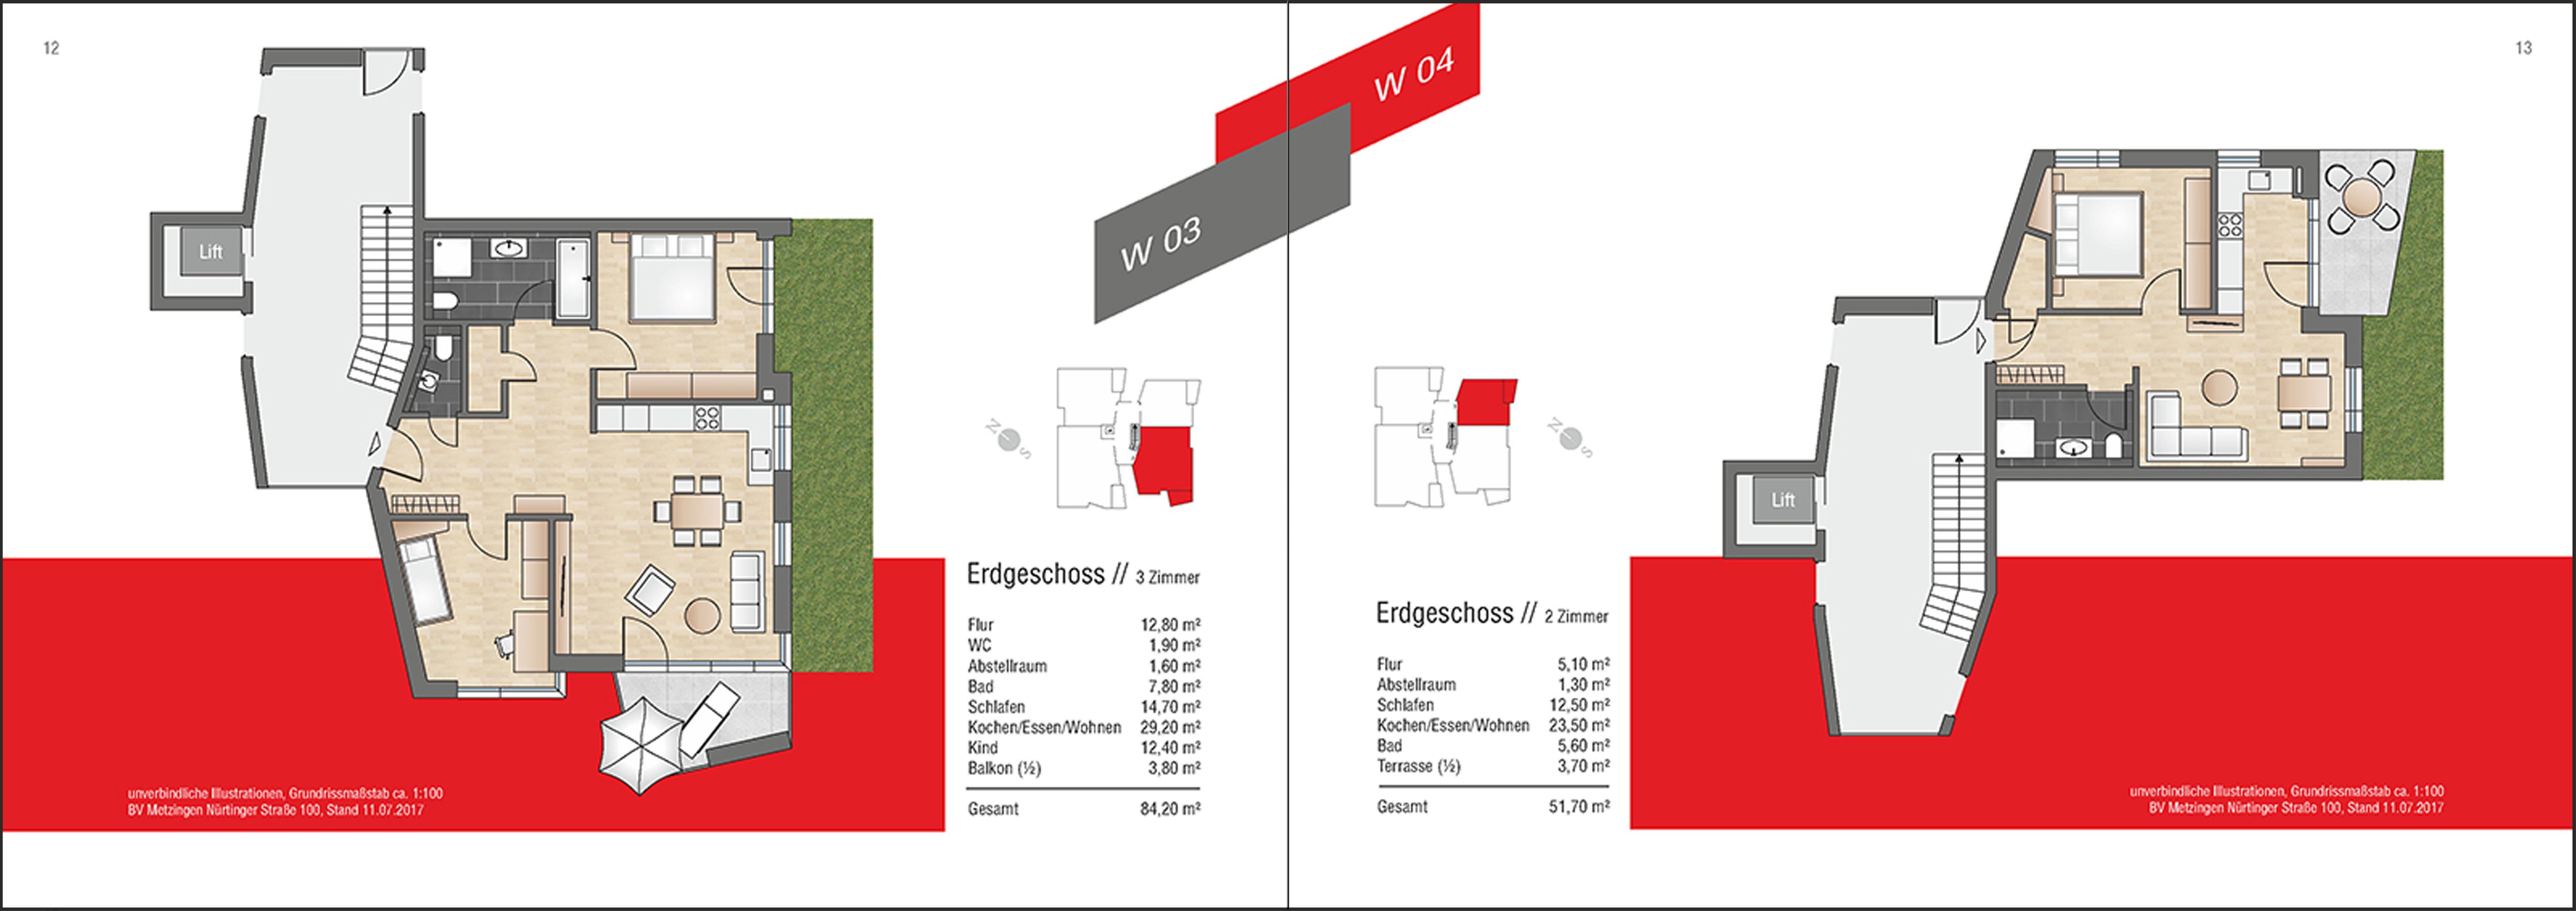 Englert-Wohnbau_BV-Metzingen-Nuertinger-Straße-Seite-12-13